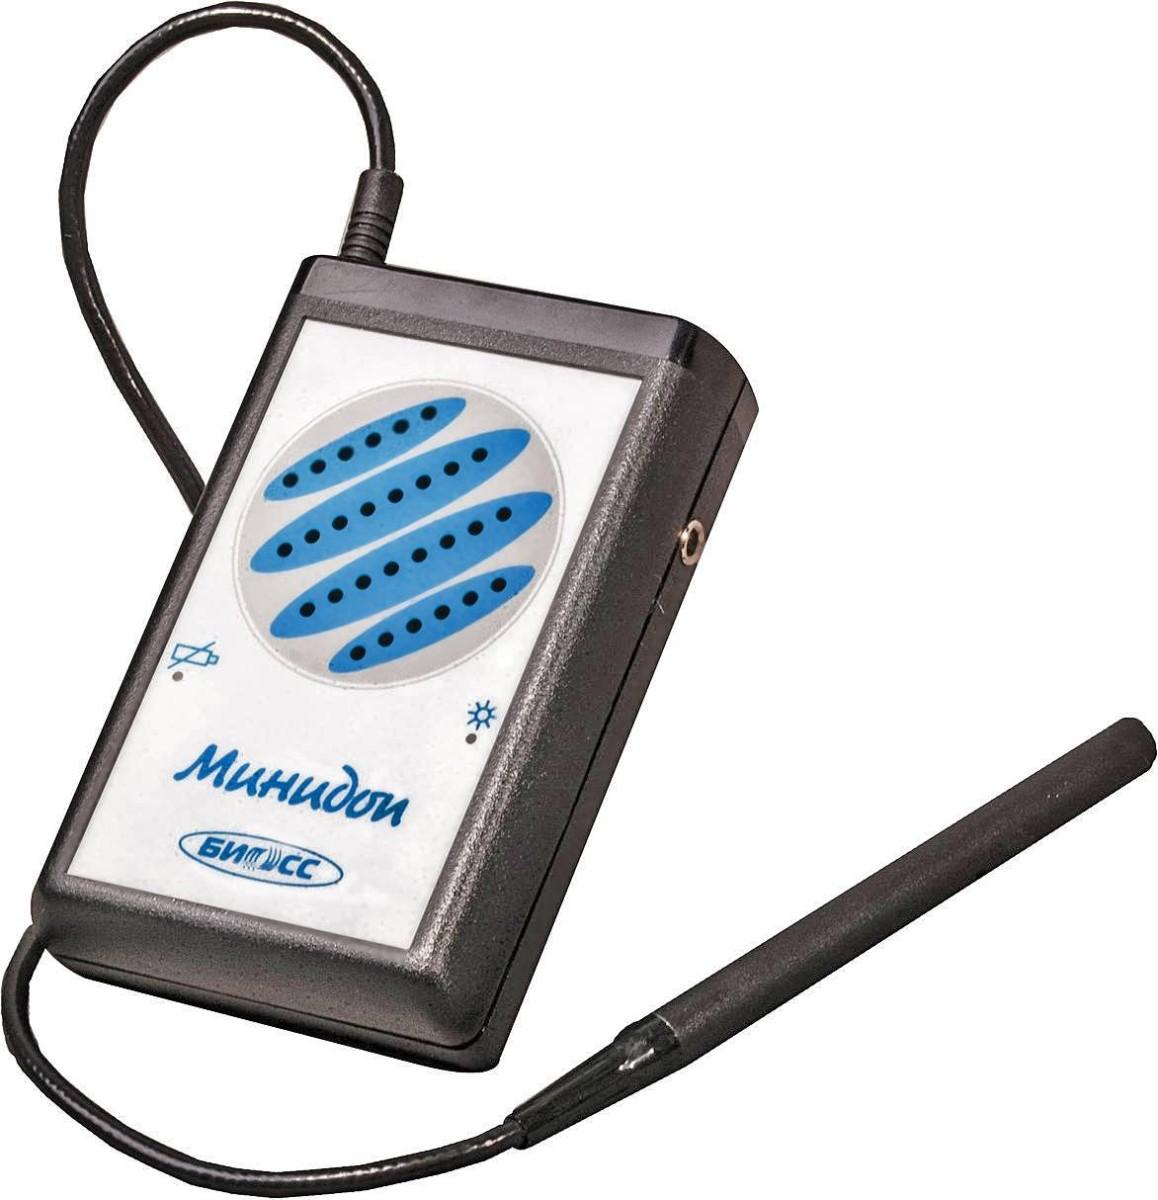 МИНИДОП Малогабаритный допплеровский звуковой индикатор скорости кровотока